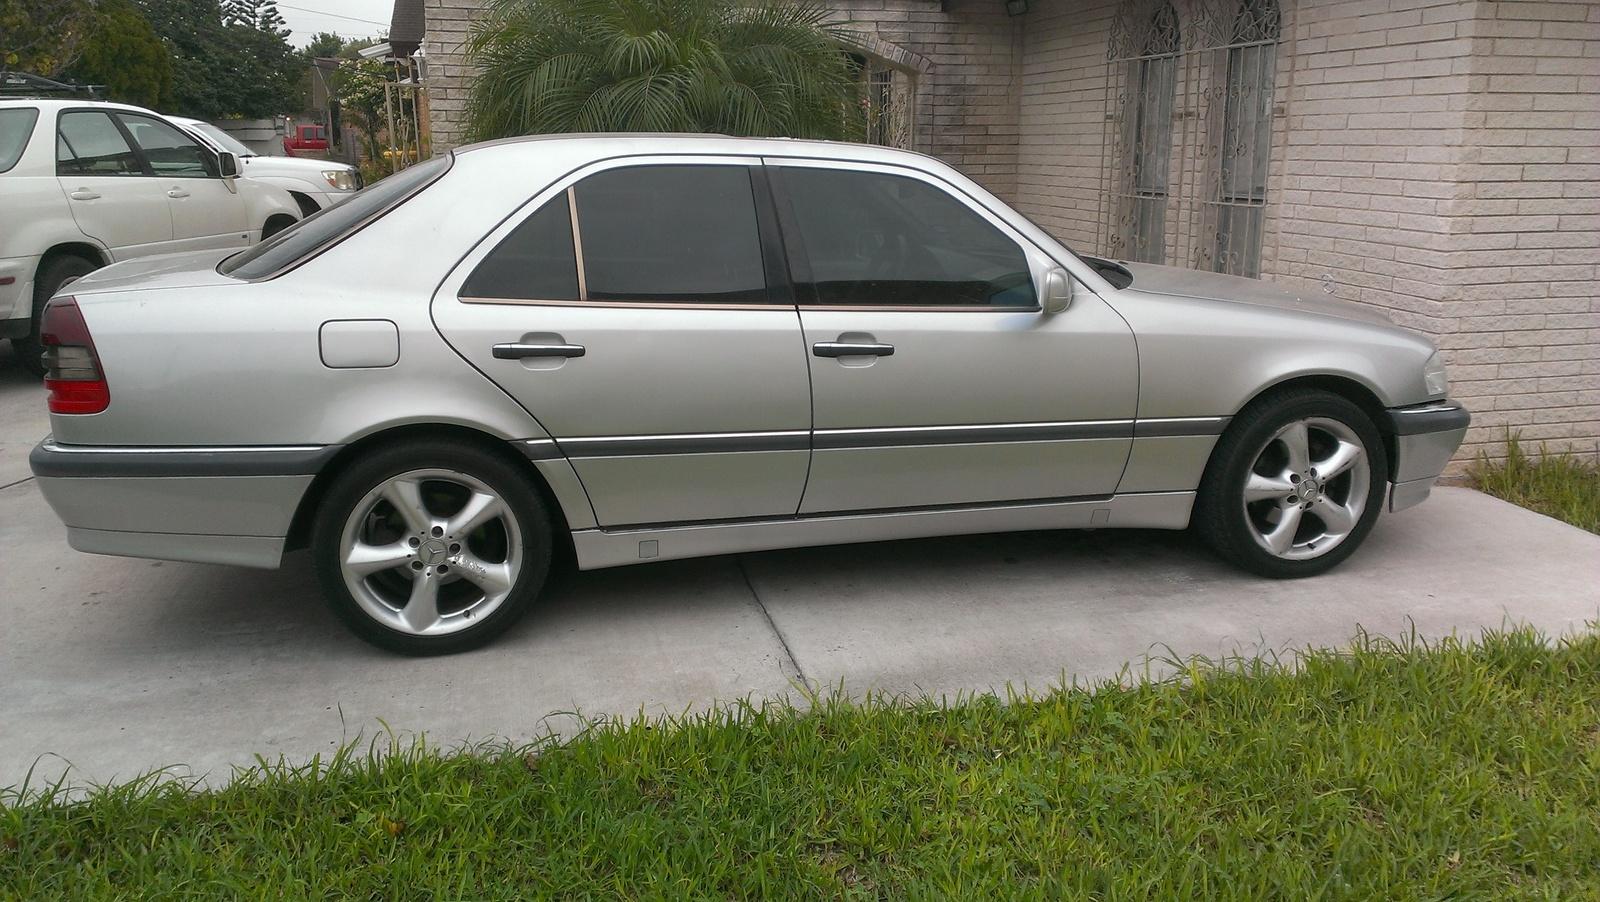 1998 Mercedes-Benz C-Class - Pictures - CarGurus